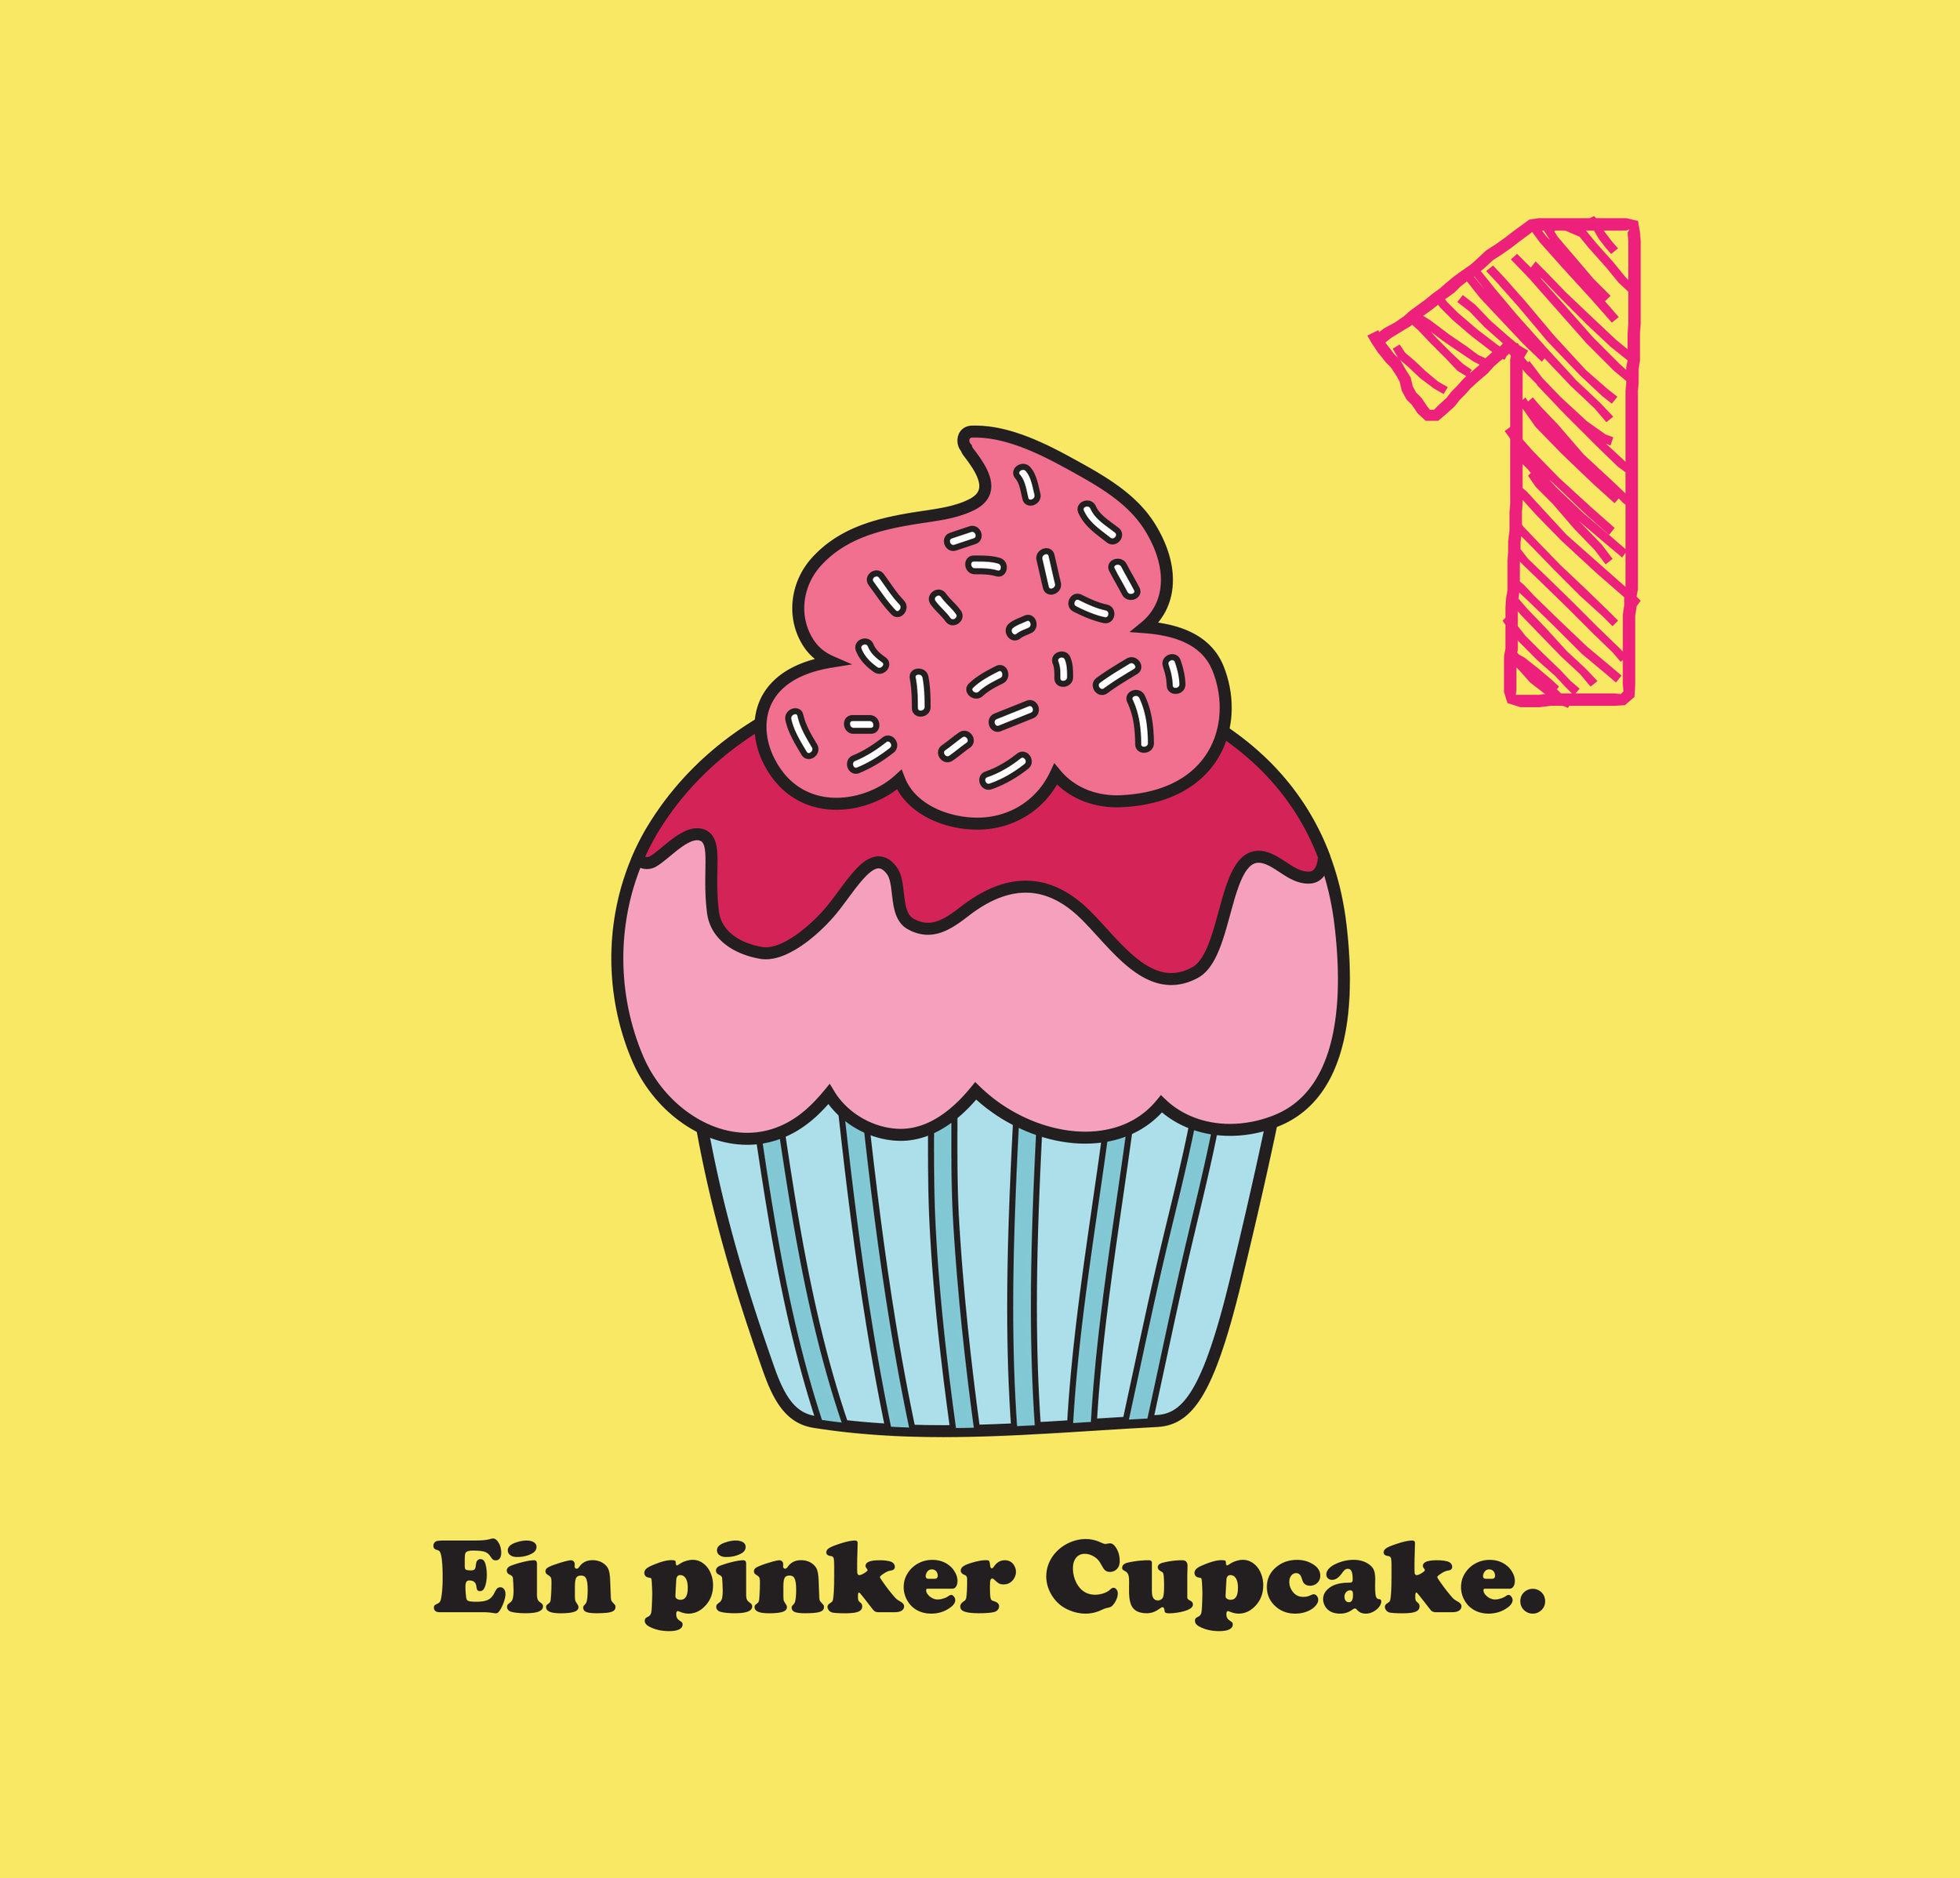 cupcake_g1.jpg